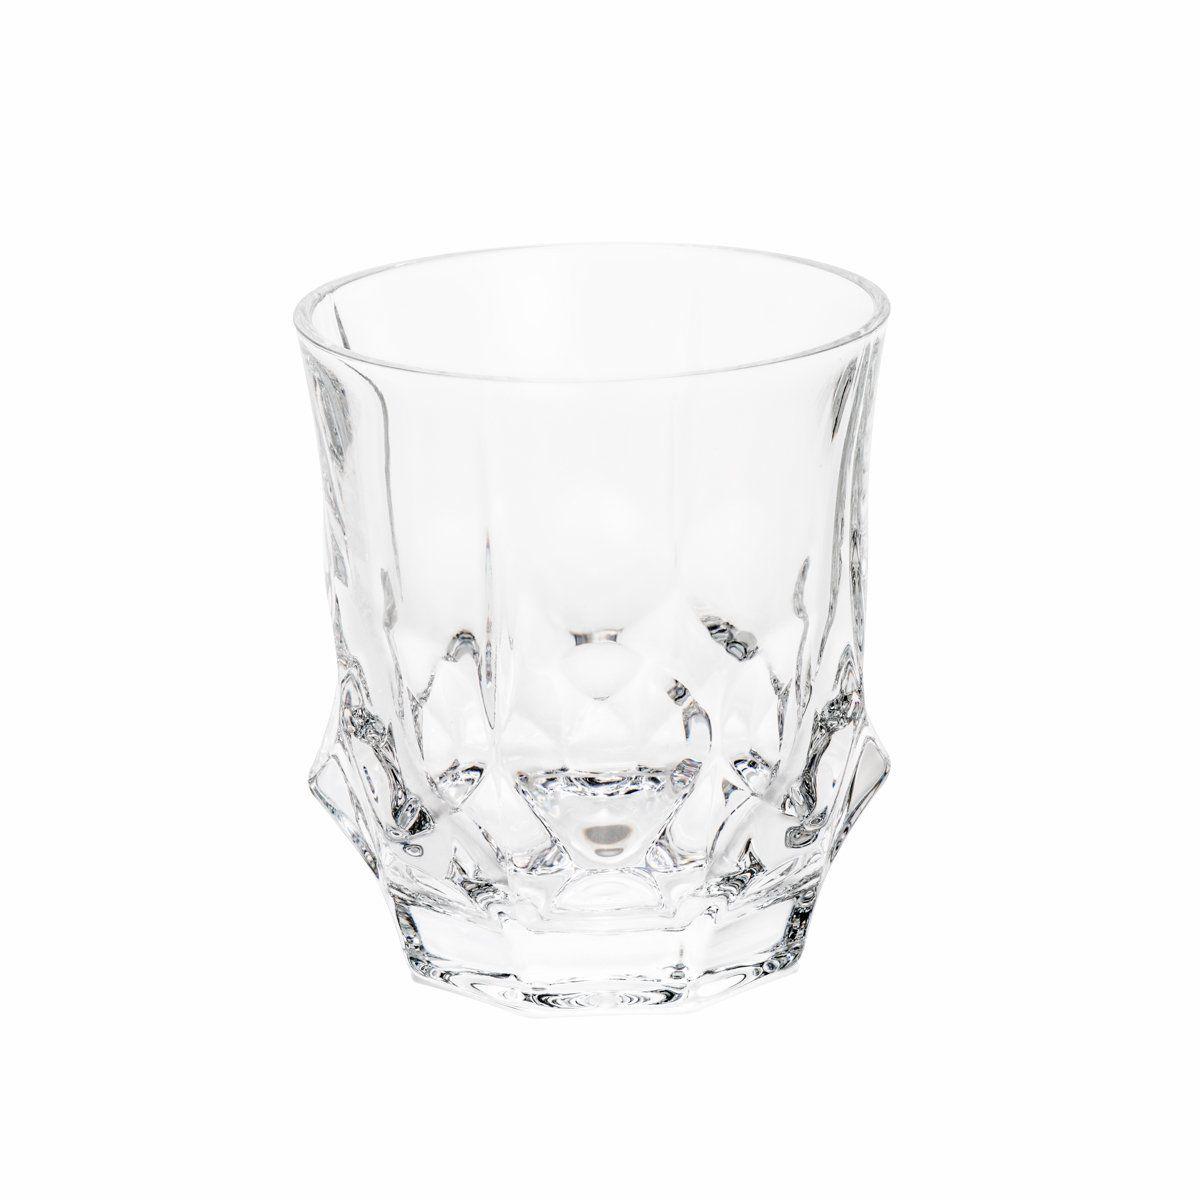 Jogo 6 copos 280ml para whisky de cristal transparente Soho Bohemia - 5436